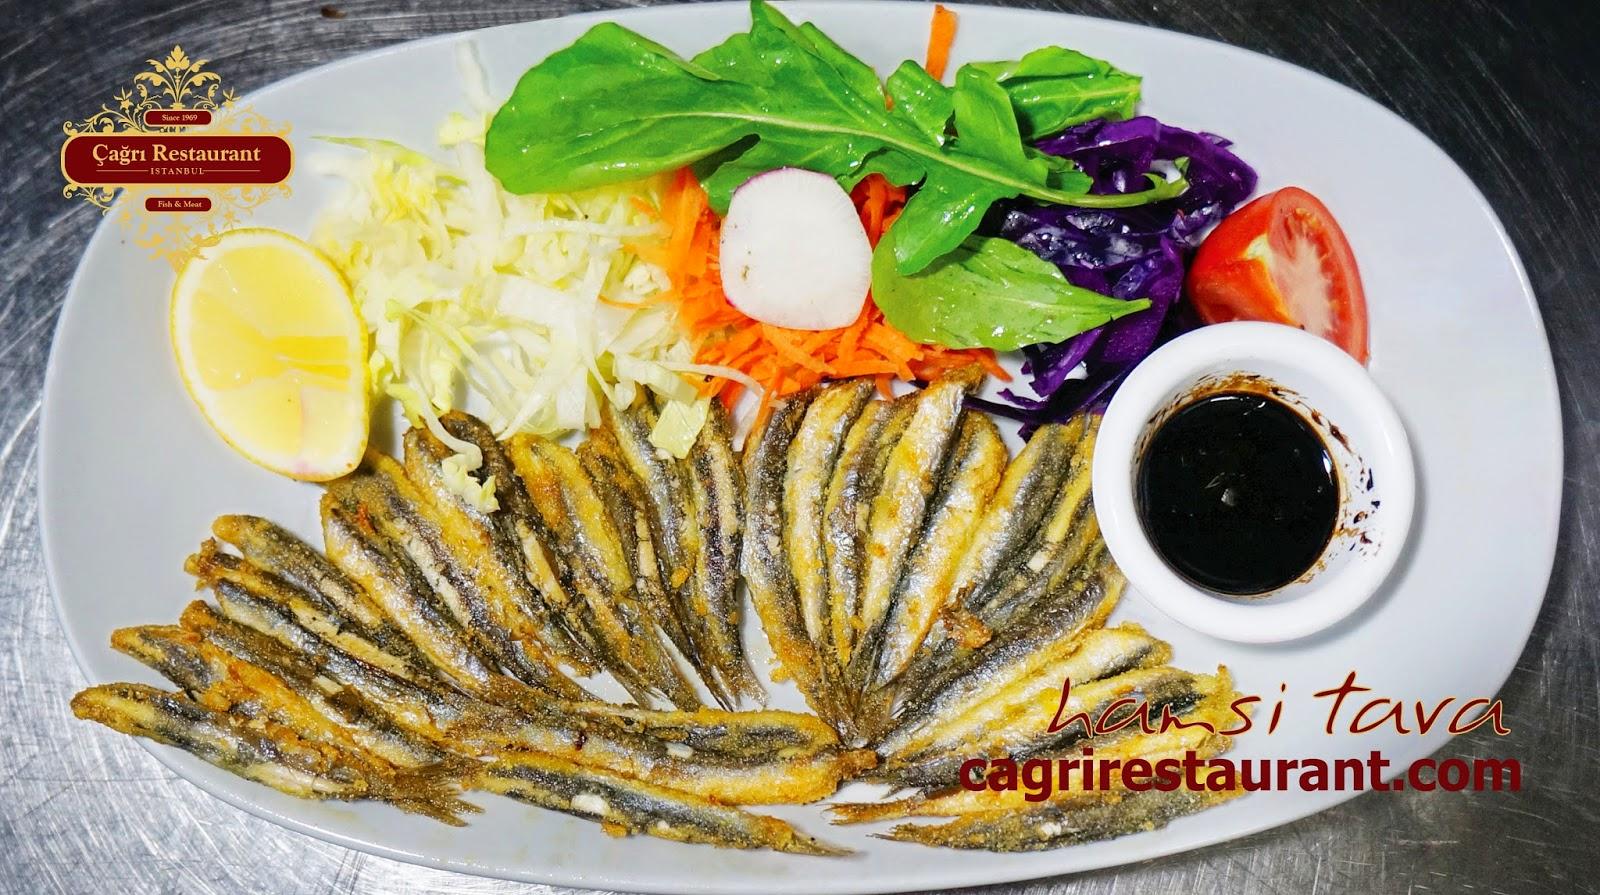 Fırında doldurulmuş balık: lezzetli pembe somon pişirmek